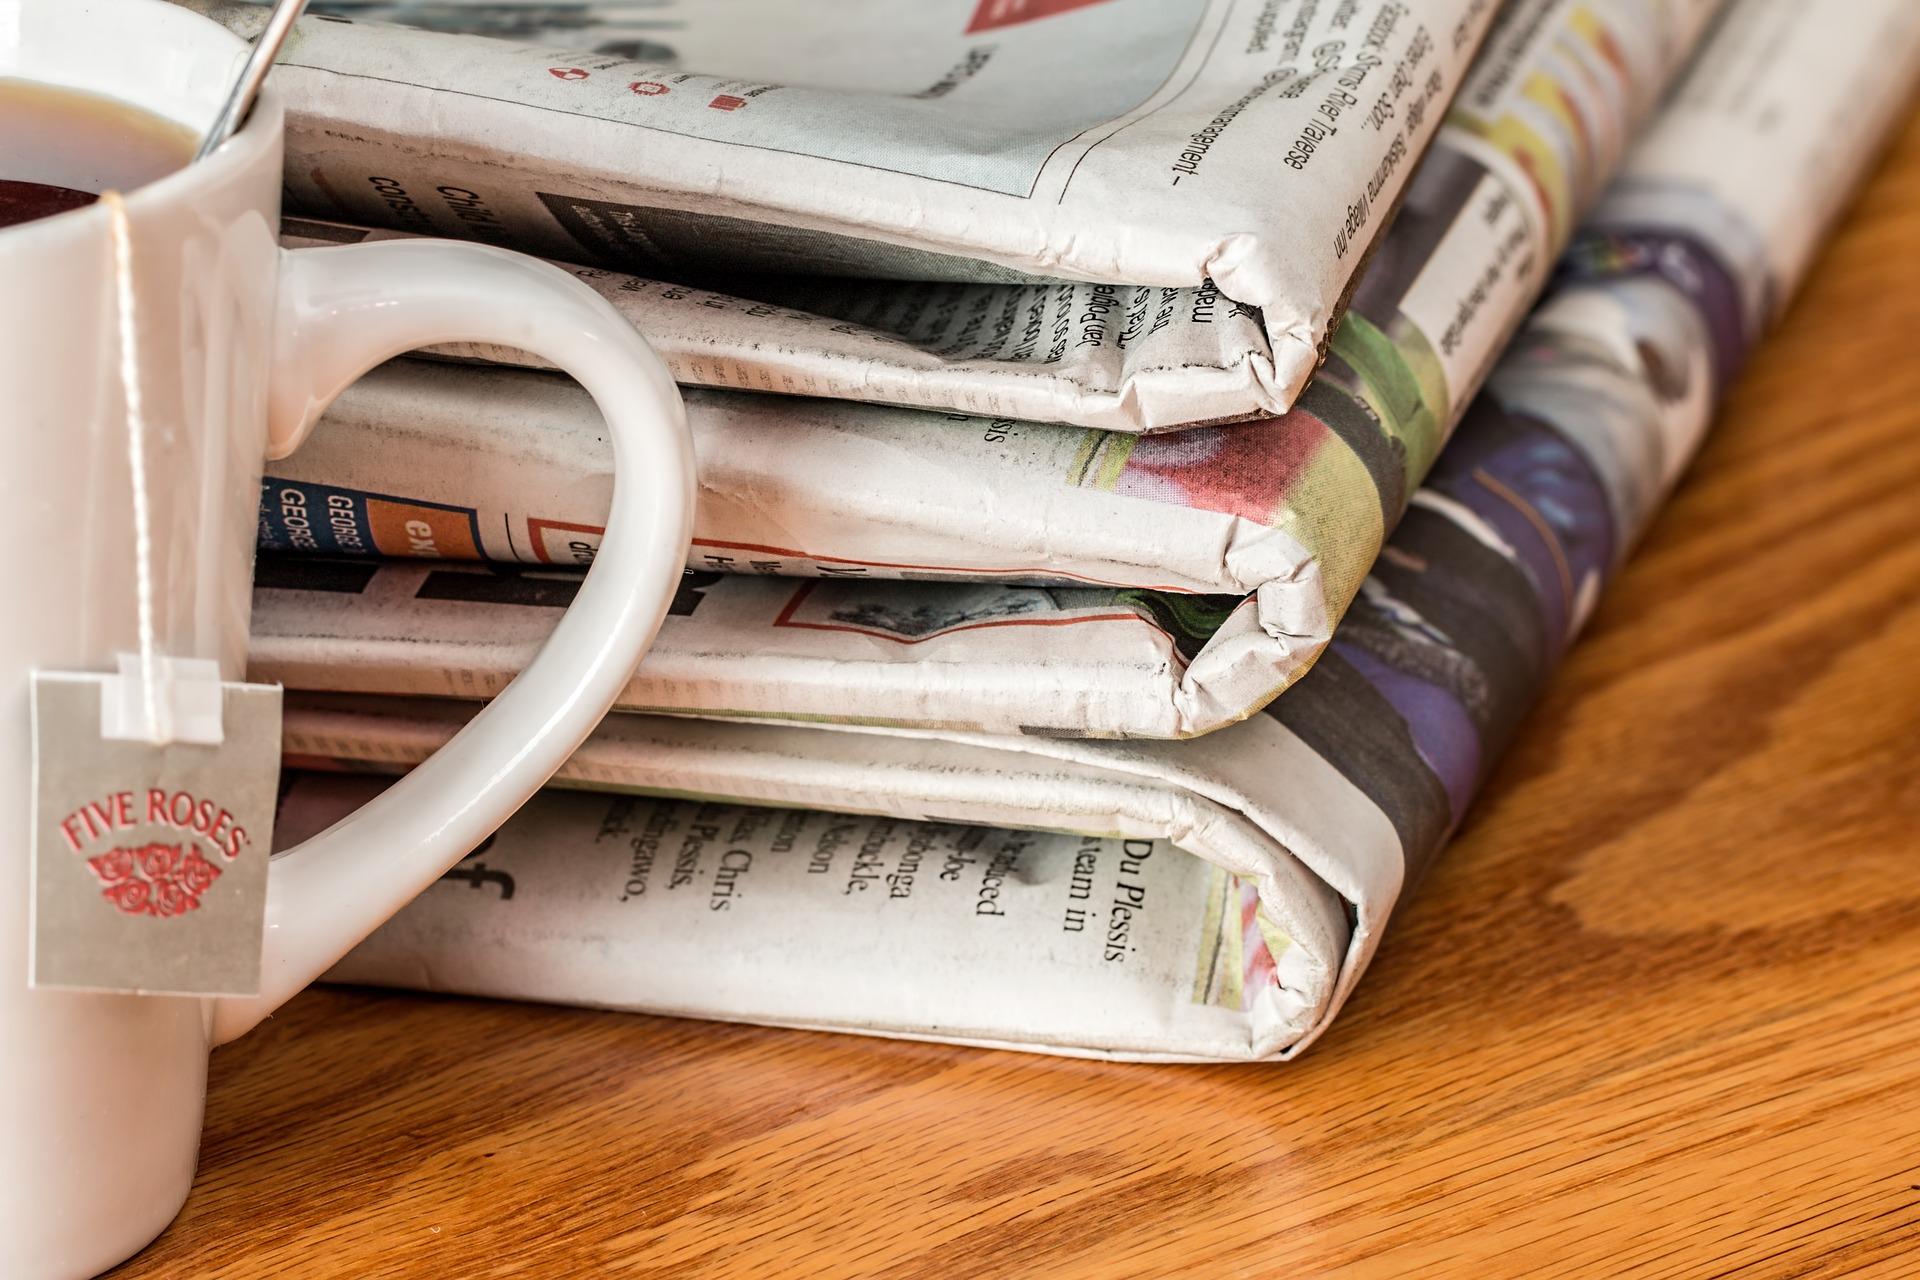 newspaper-1595773_1920.jpg